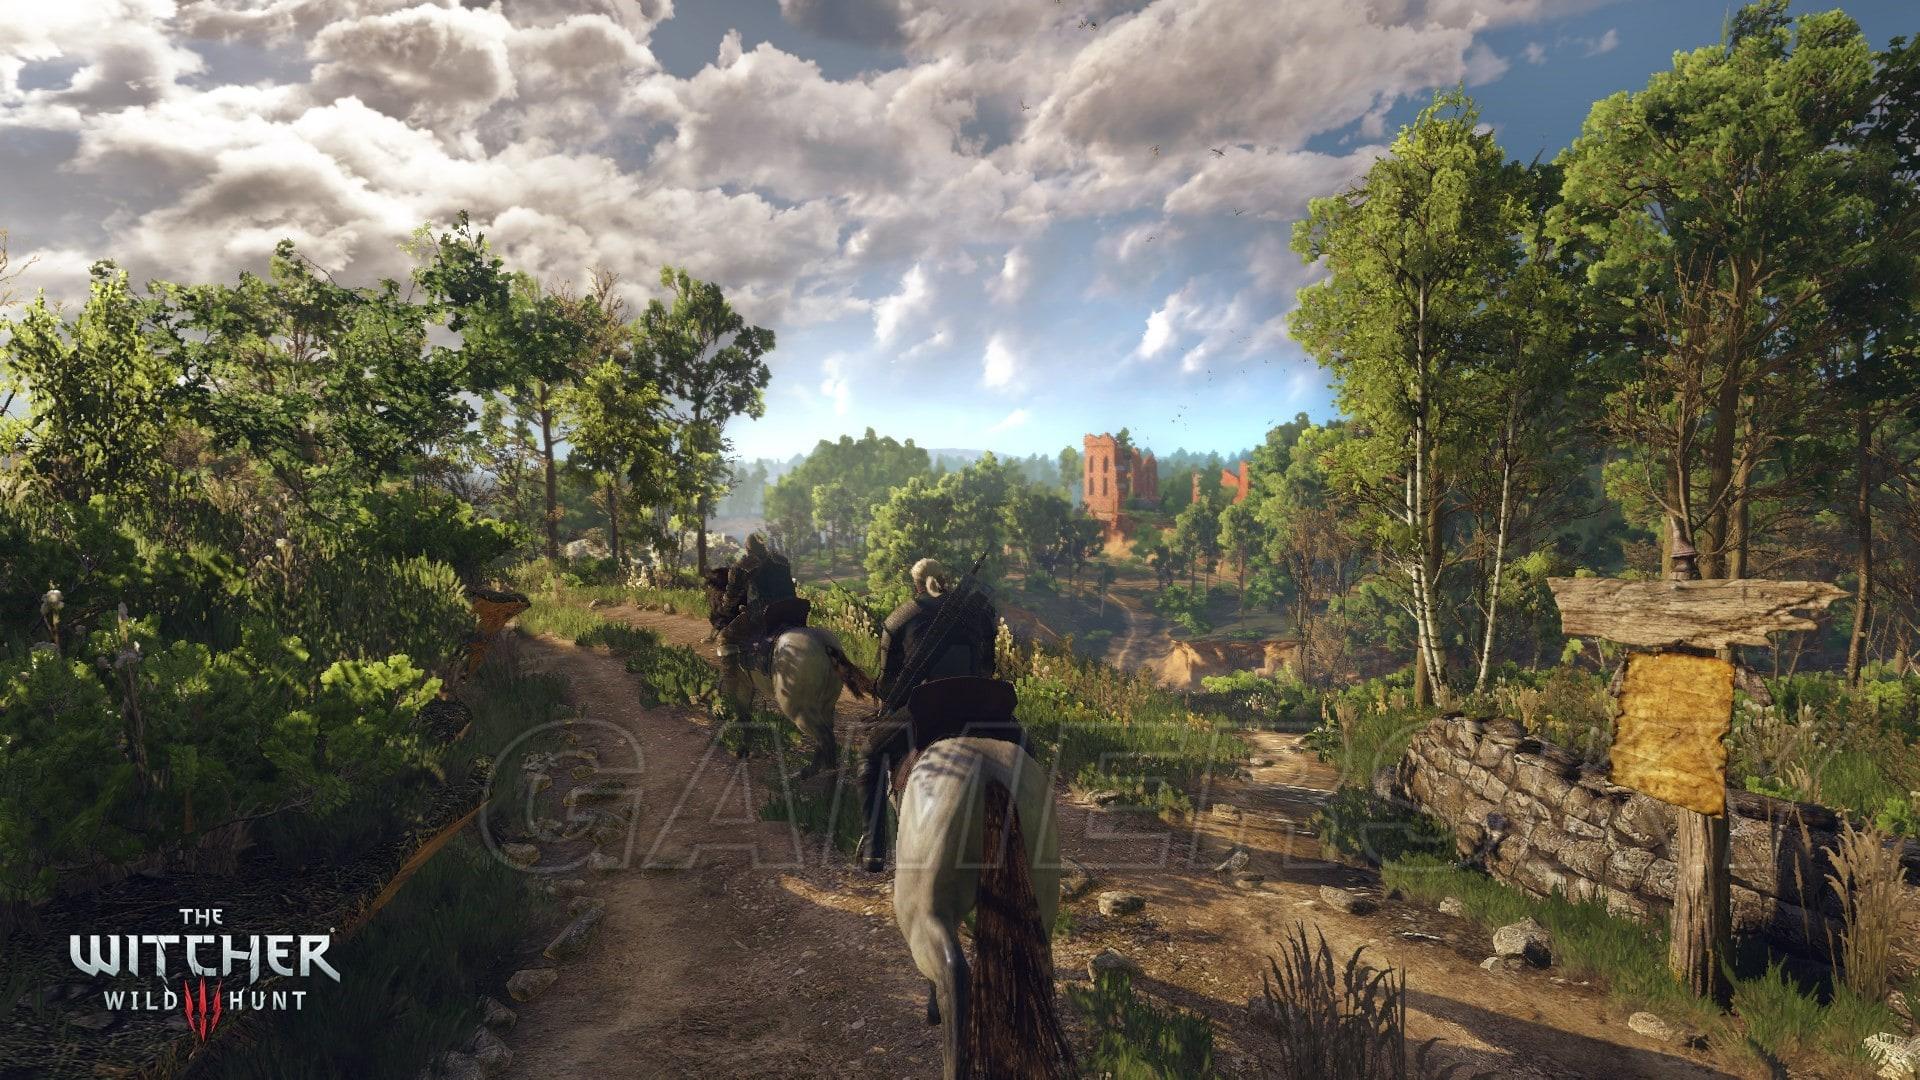 異塵餘生4 與巫師3 畫面劇情遊戲性及優缺點對比圖文分析 異塵餘生4和巫師3哪個好玩